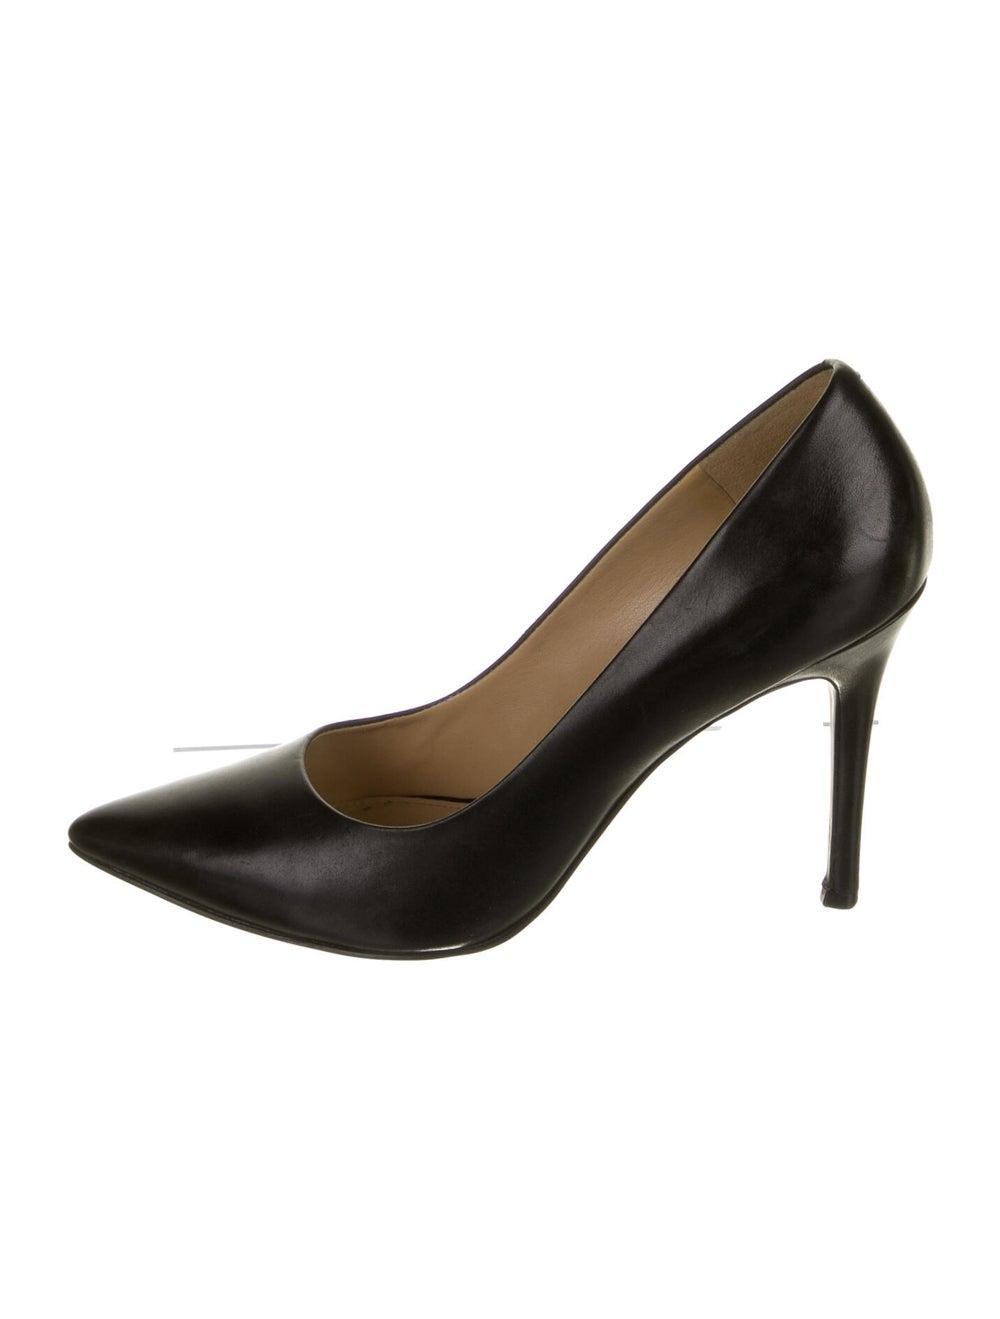 Michael Kors Claire Leather Pumps Black - image 1